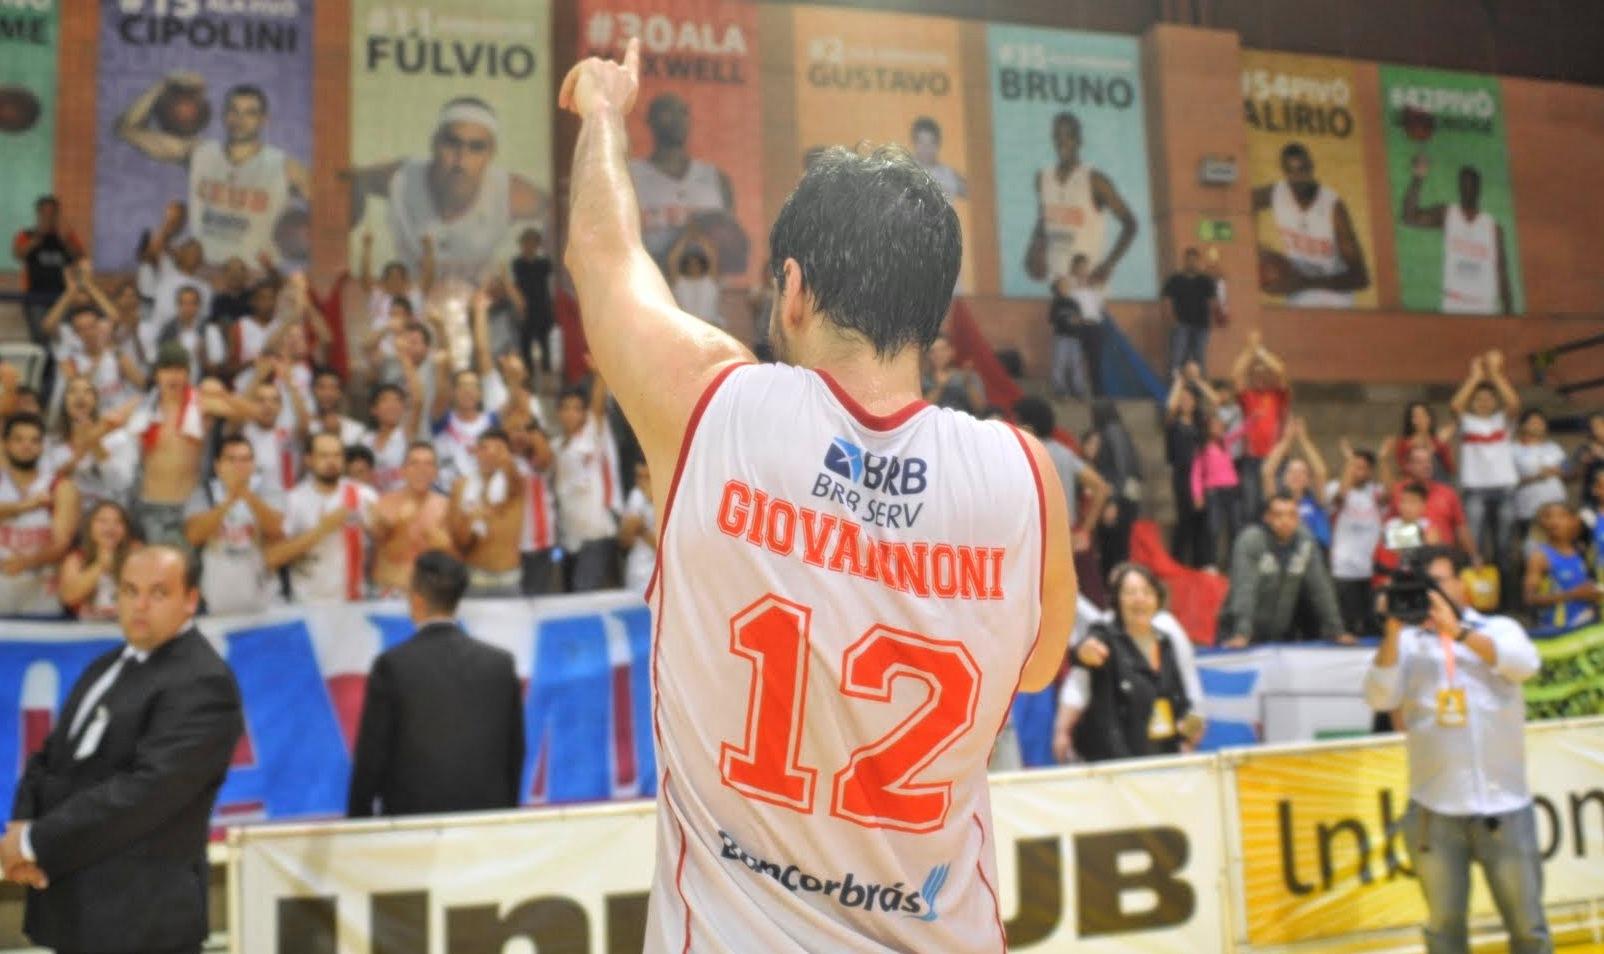 Giovannoni_BRA (2)